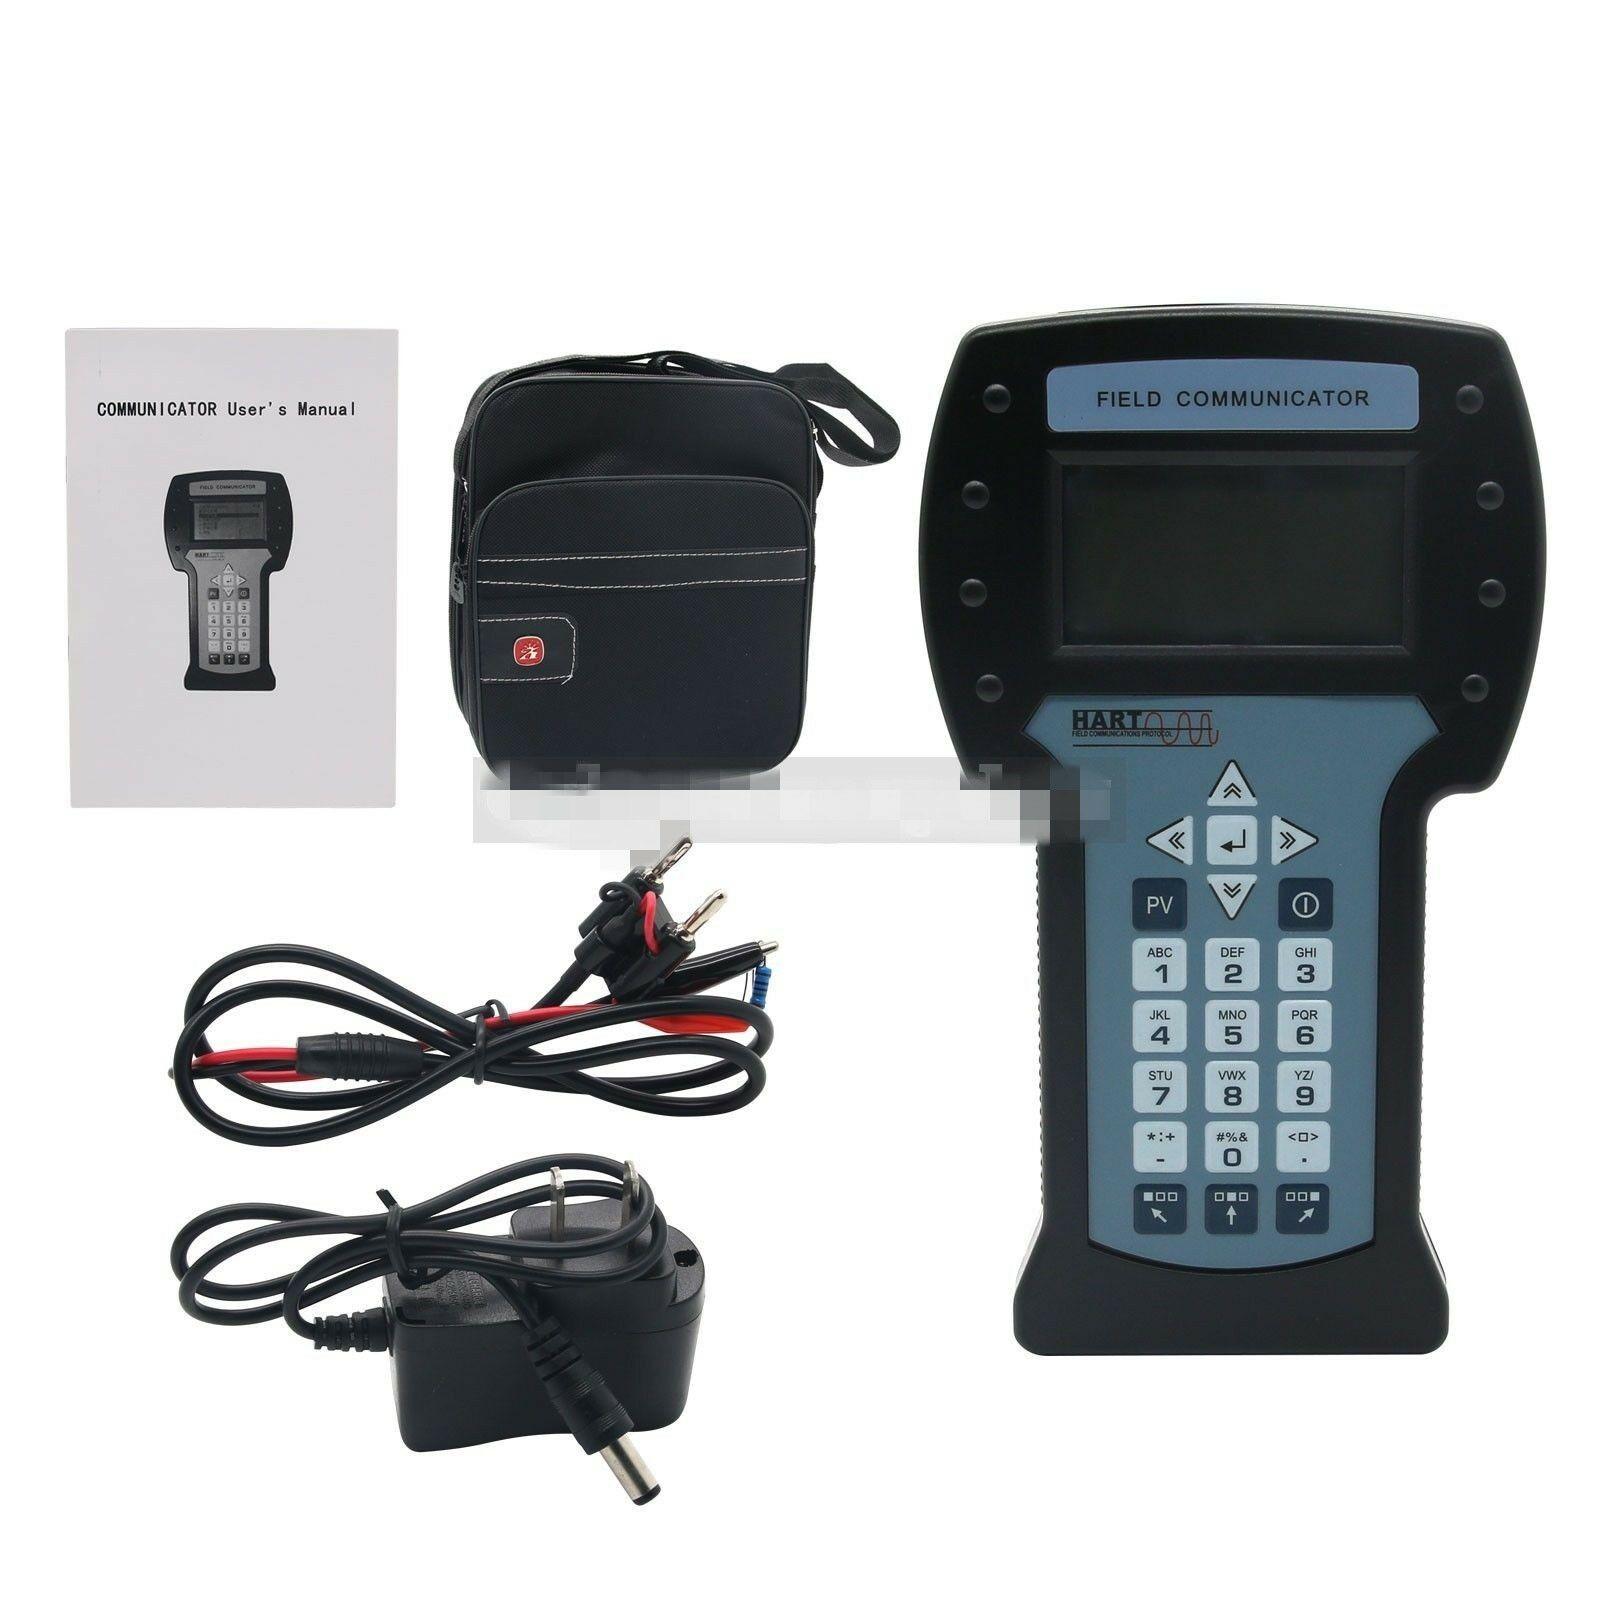 Hart475 hart field comunicador para a calibração do transmissor de temperatura de pressão handheld hart field + manual